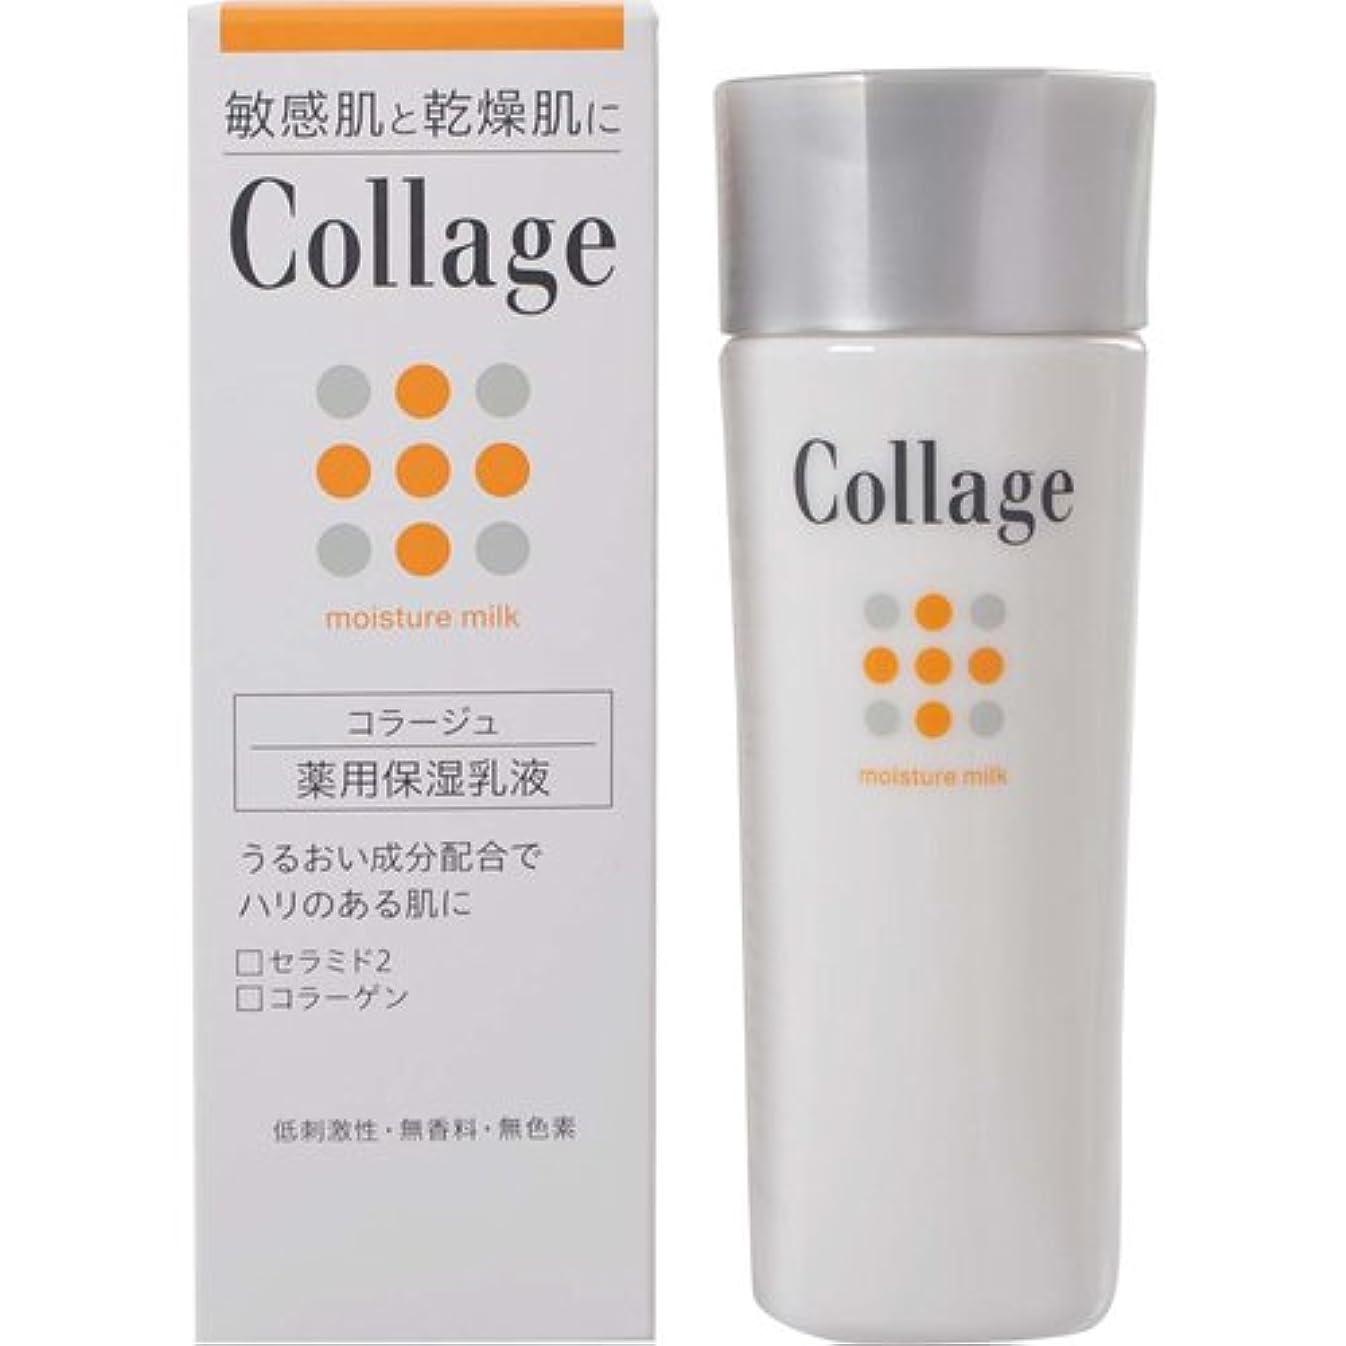 六あいまいな圧力コラージュ 薬用保湿乳液 80mL 【医薬部外品】